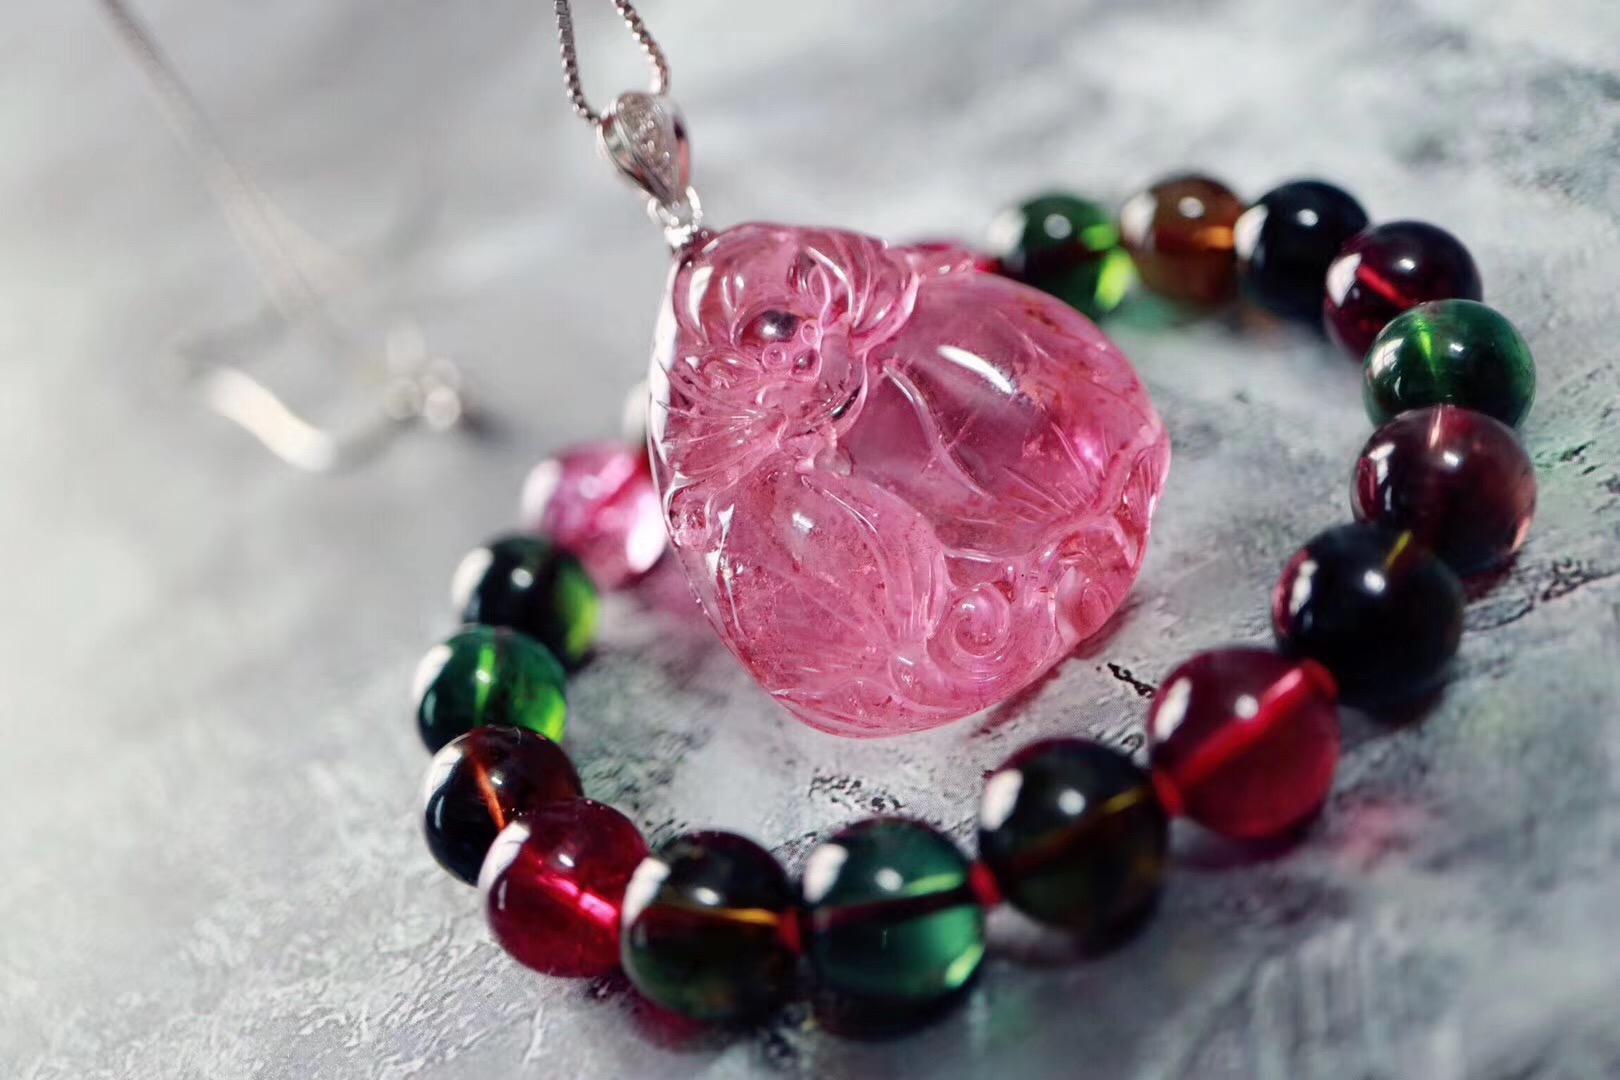 【碧玺】将多种彩色宝石的优点集于一身-菩心晶舍